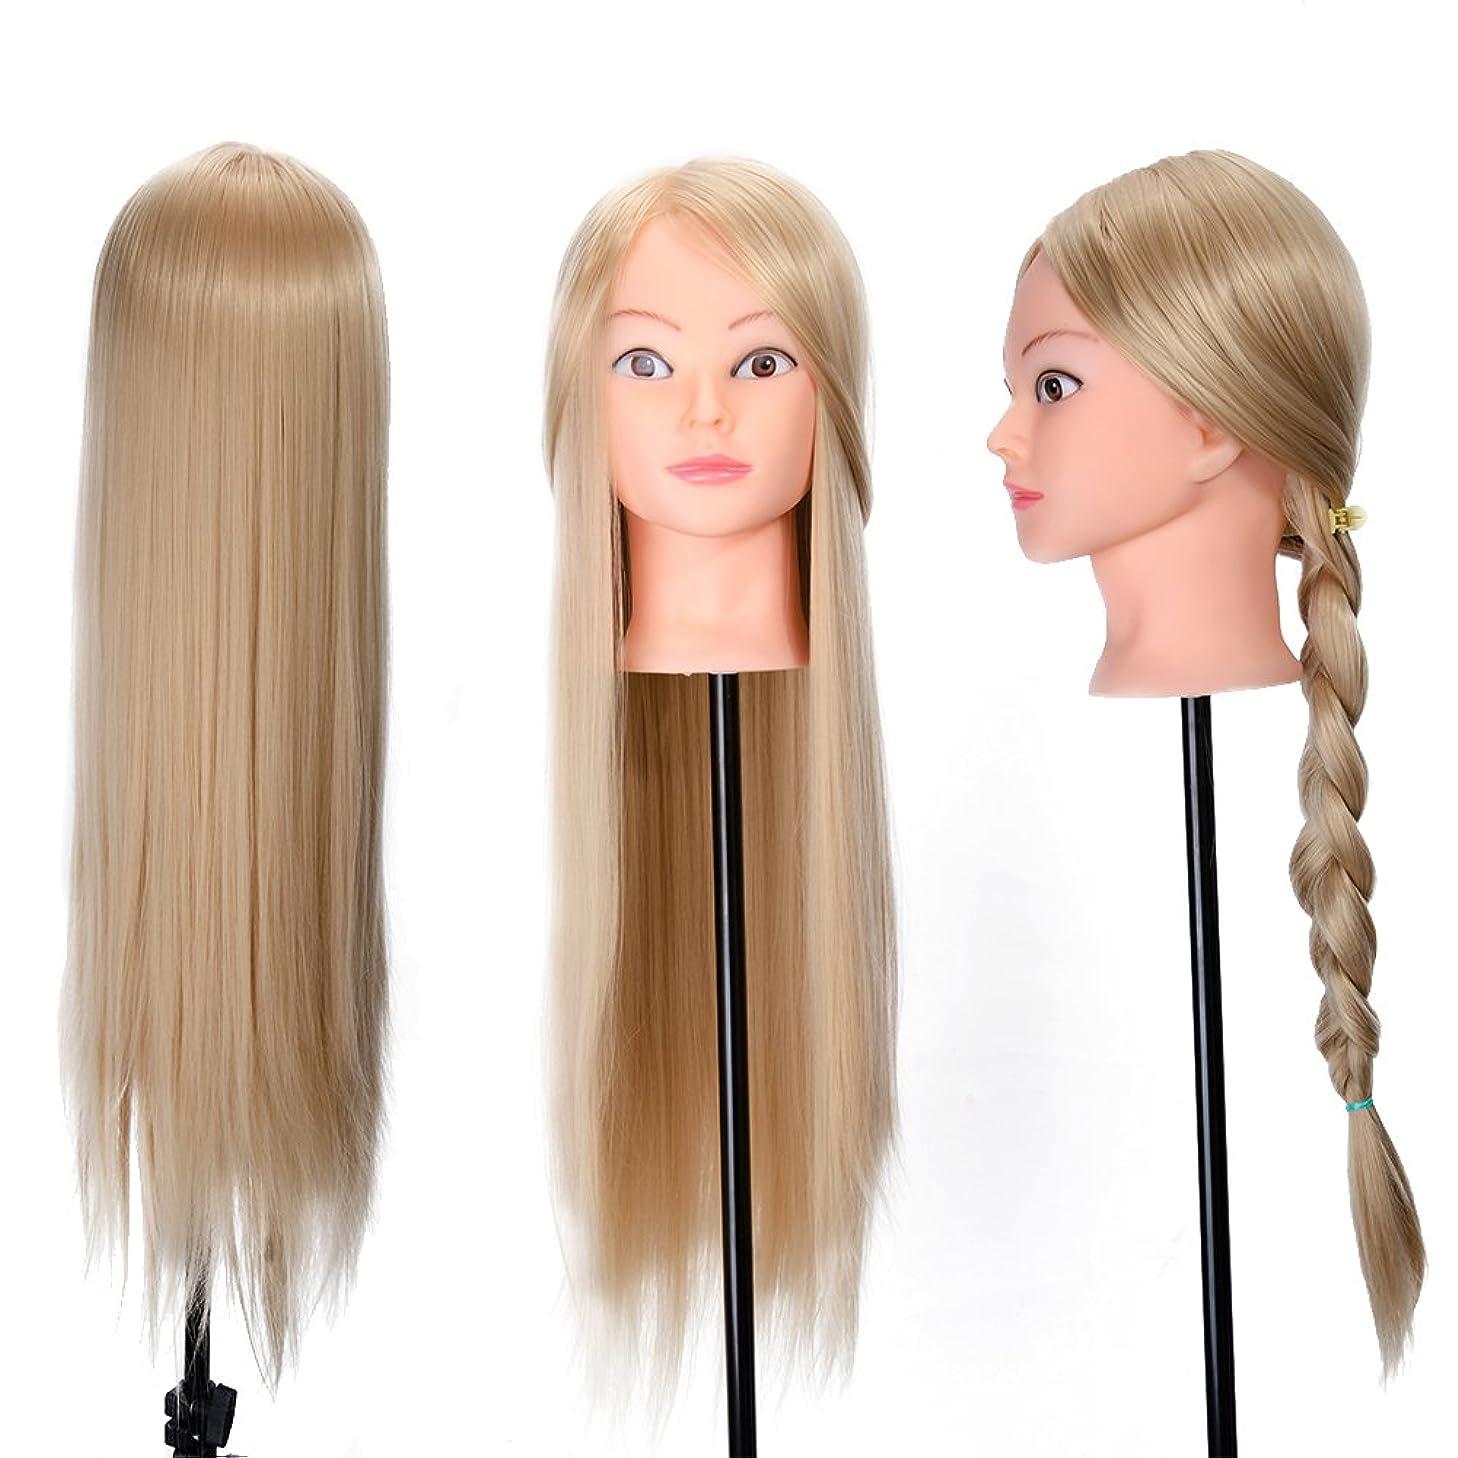 真剣にクアッガ忘れっぽい26インチトレーニングヘッドヘア編組モデルヘアスタイル人形でテーブルクランプサロンスタイリングデザインマネキンダミーヘッド